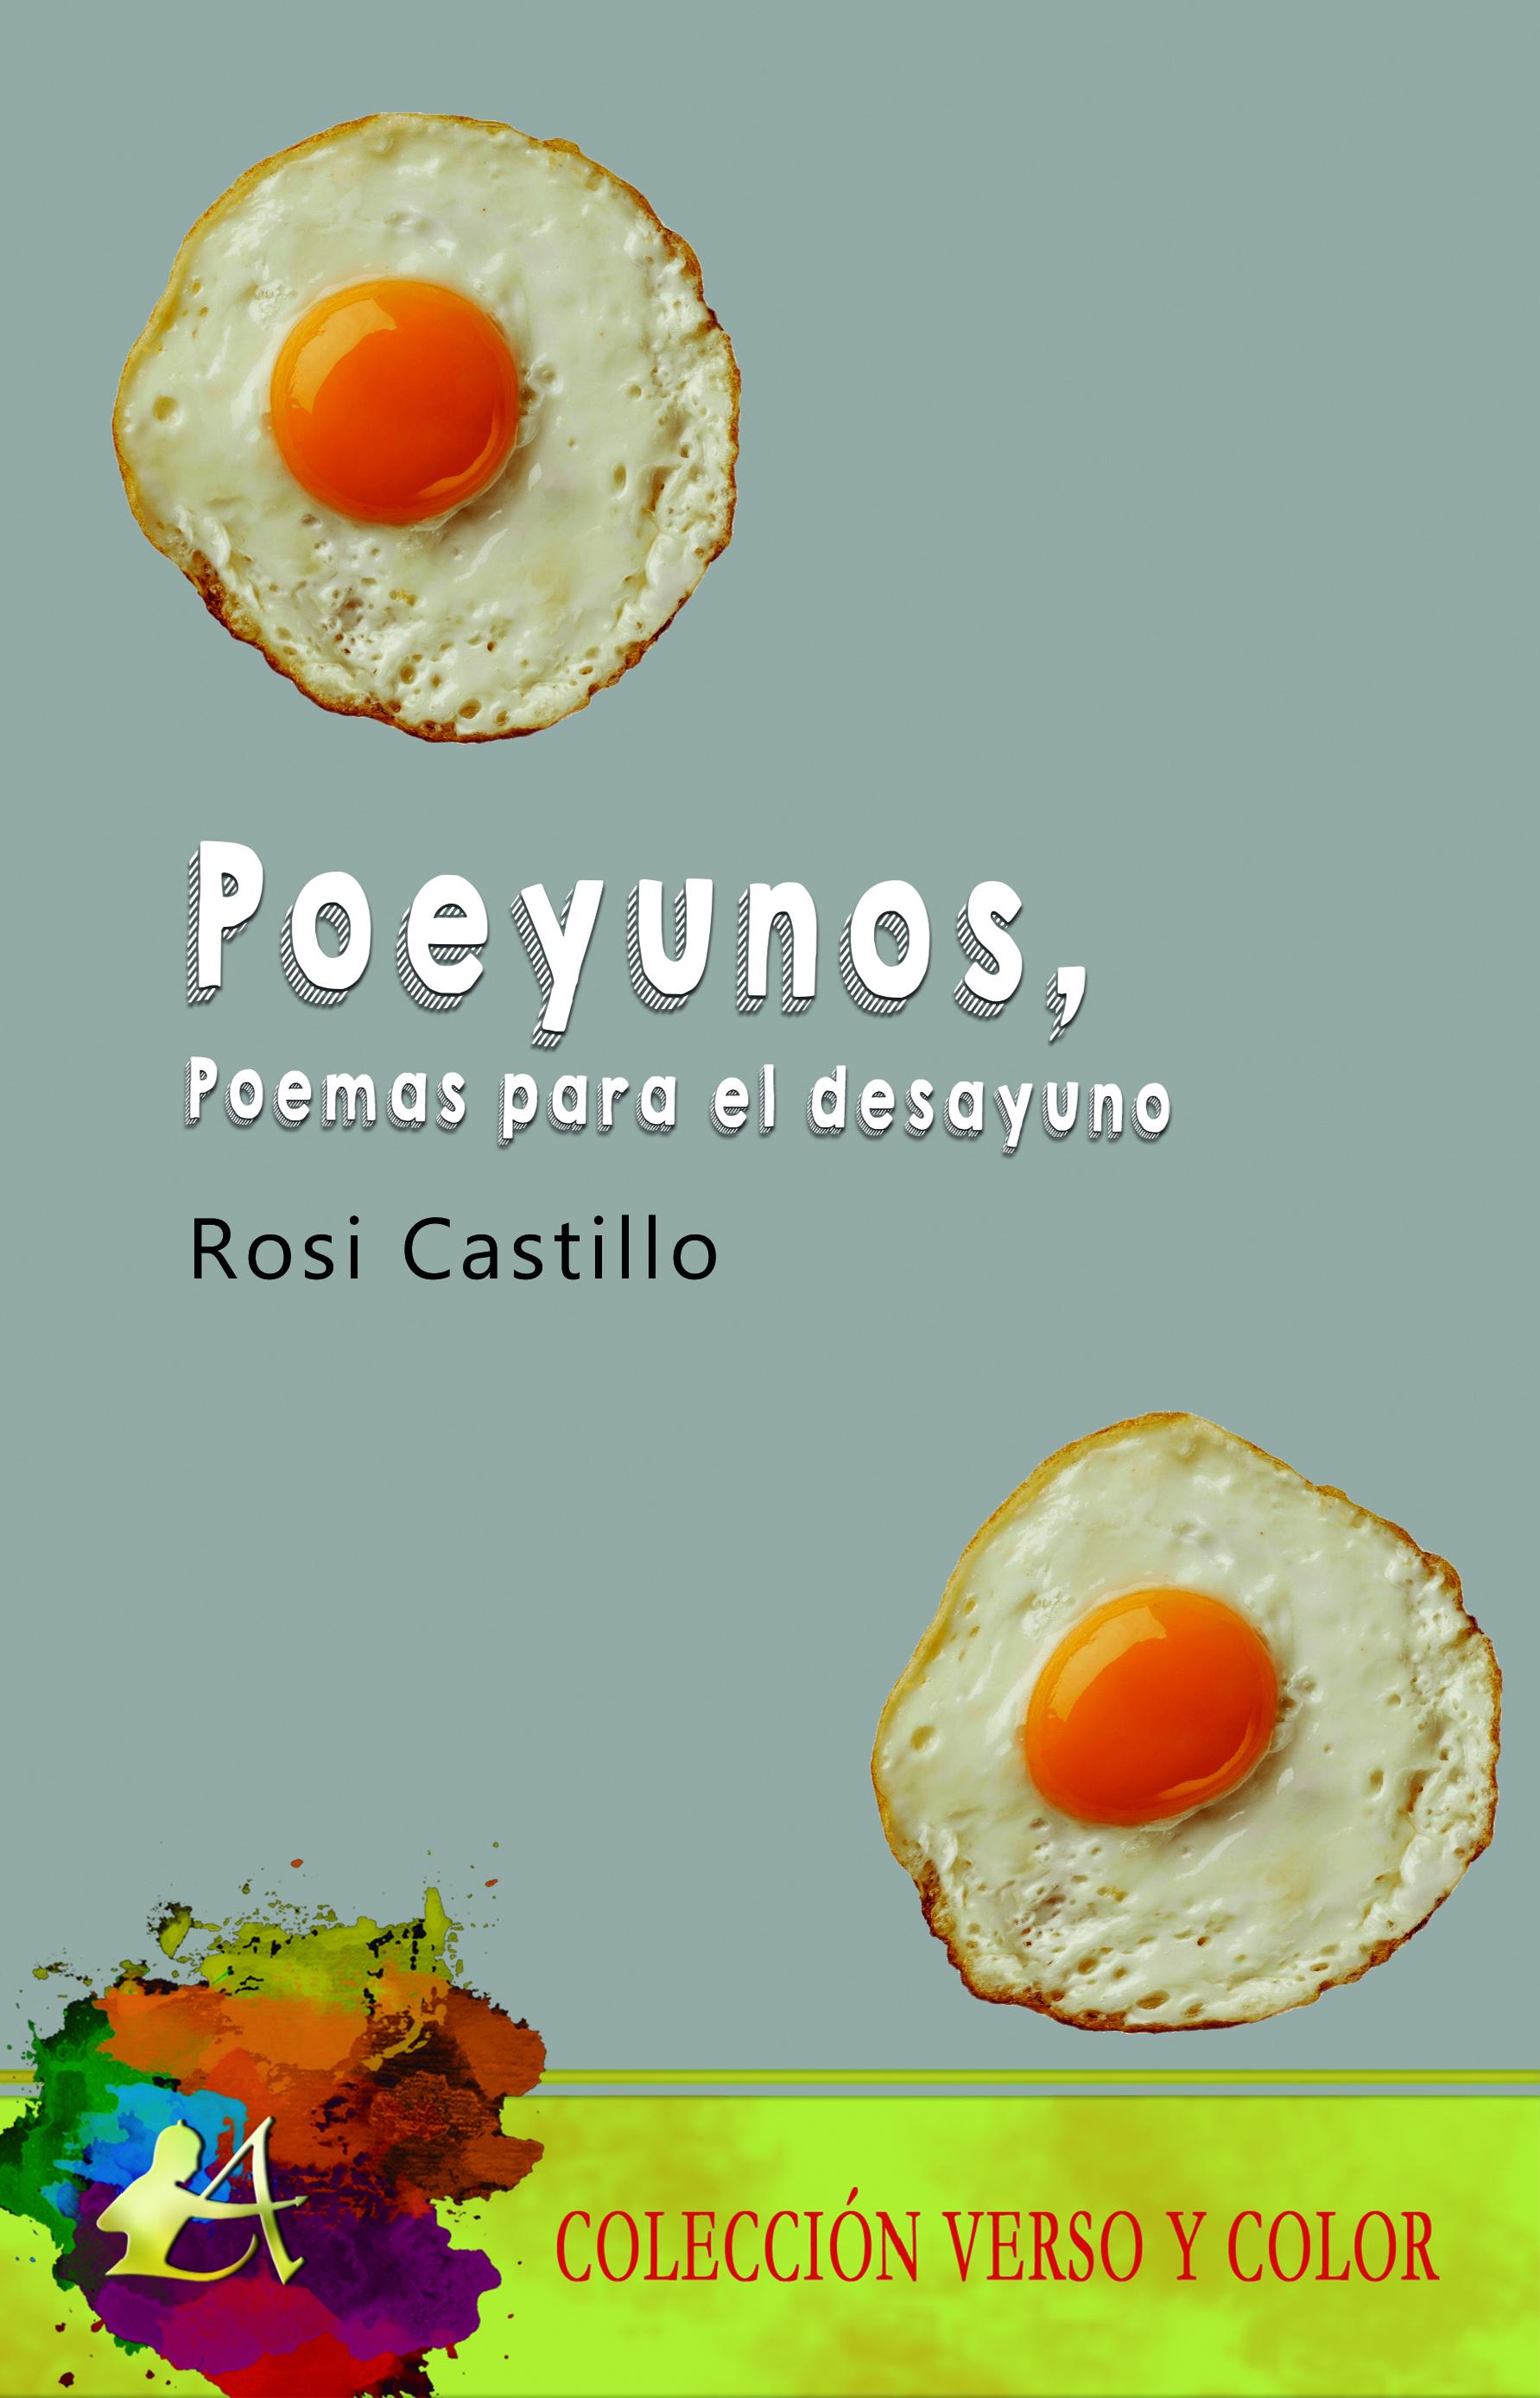 Portada del libro Poeyunos poemas para el desayuno de Rosi Castillo. Editorial Adarve, Promoción de autores